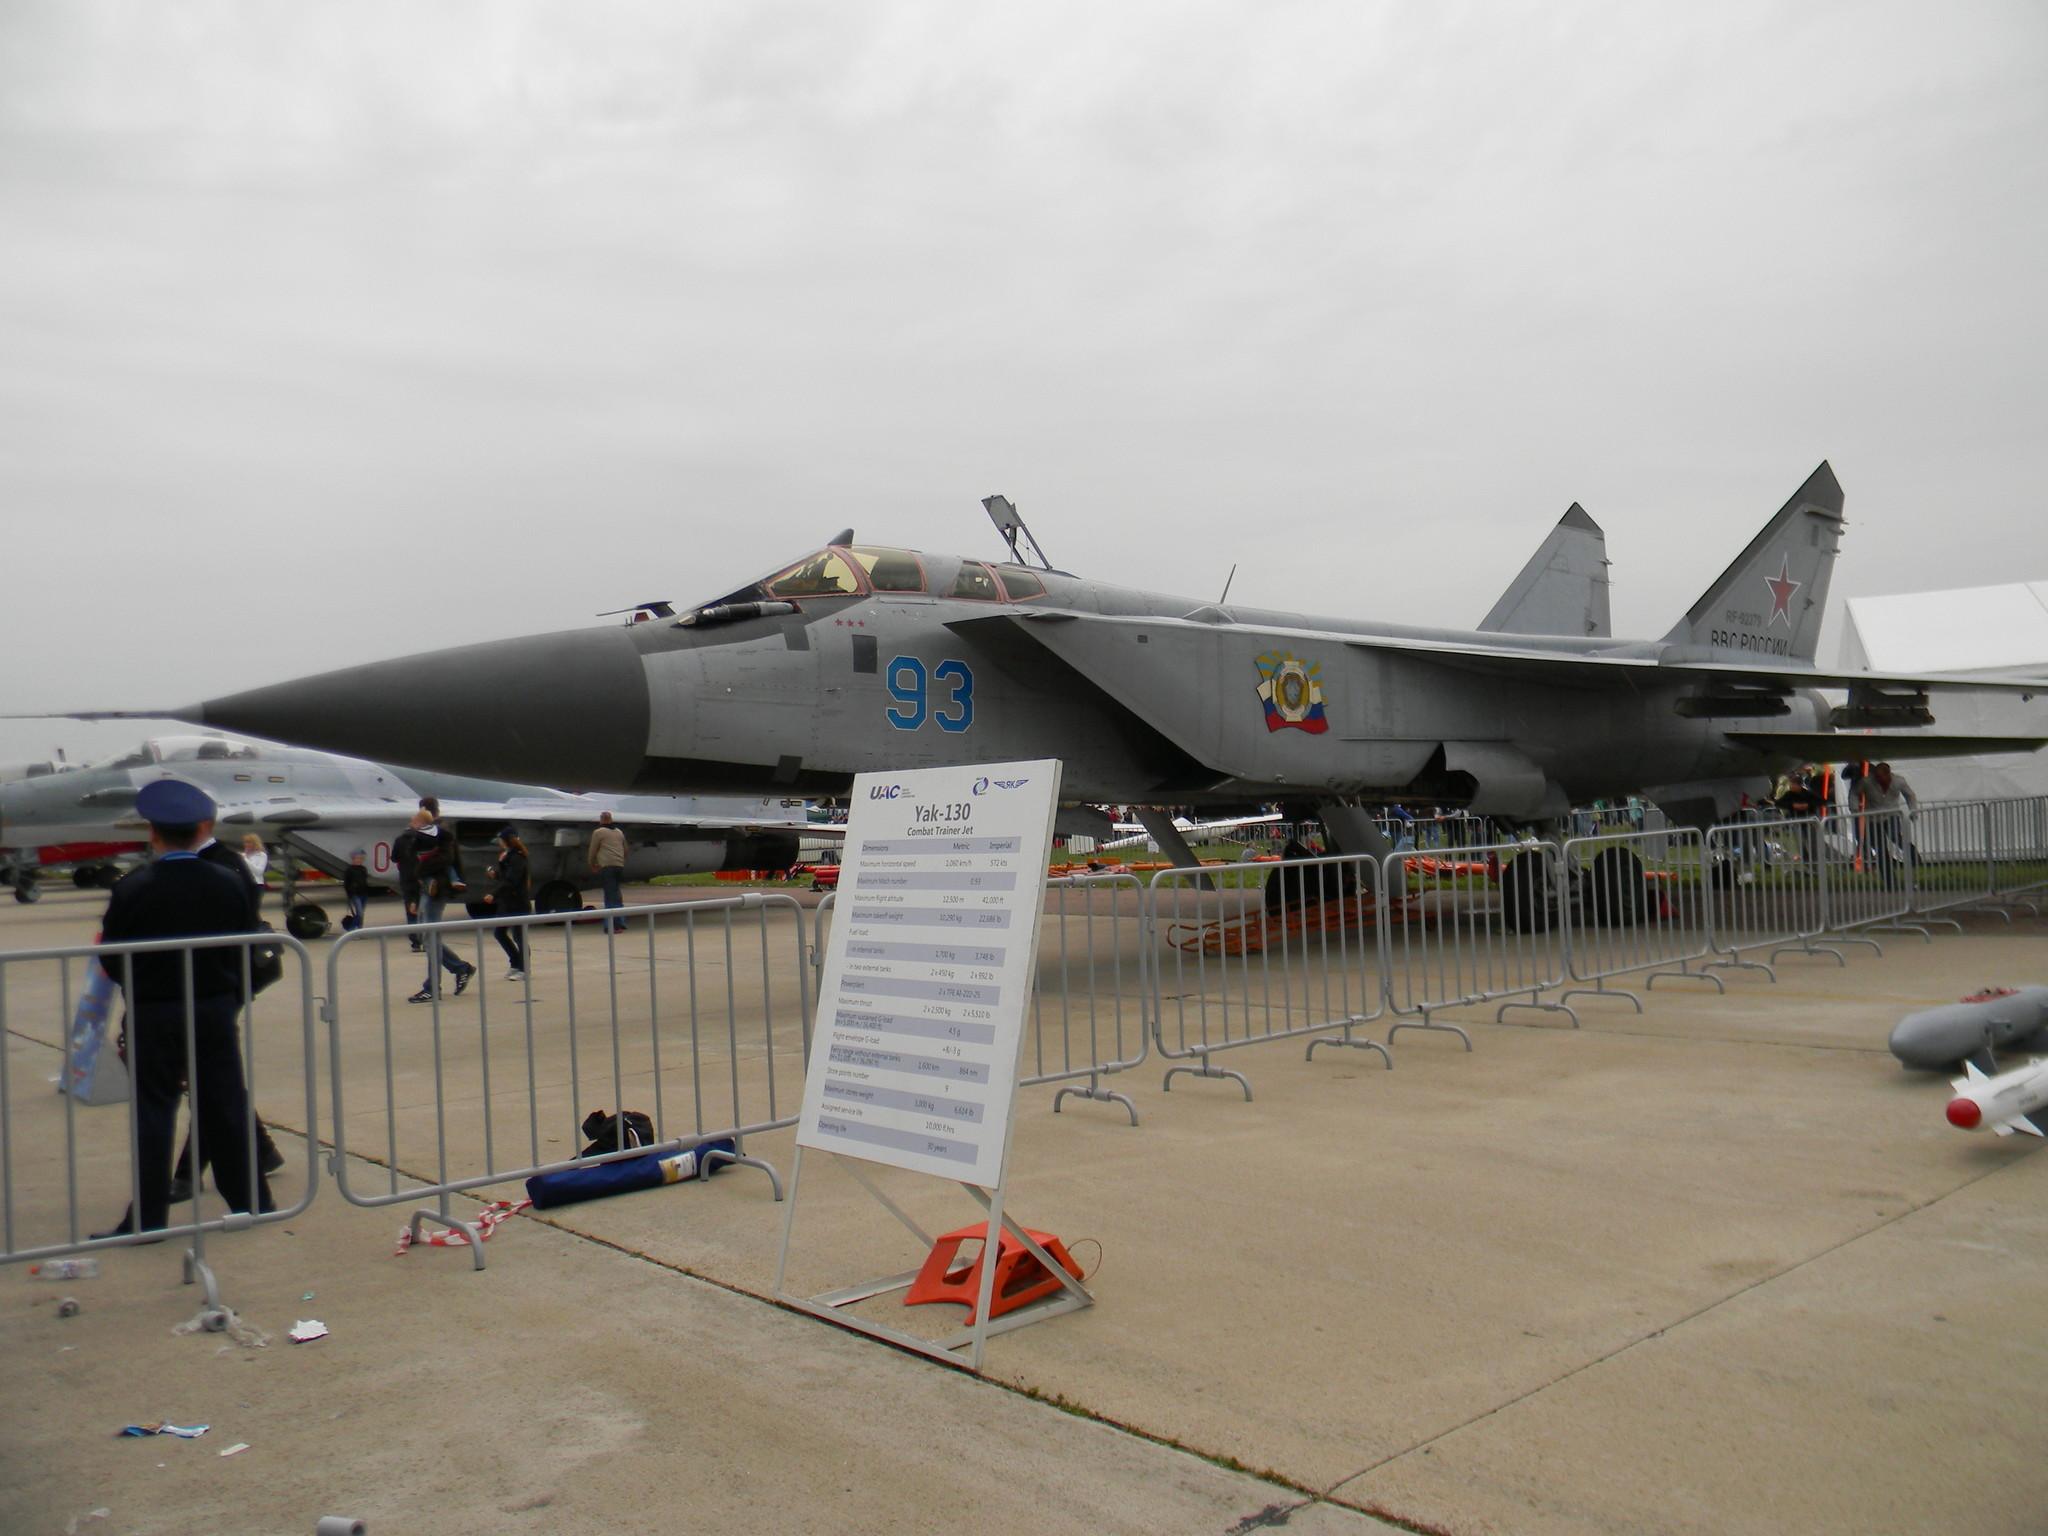 МиГ-31 двухместный сверхзвуковой всепогодный истребитель-перехватчик дальнего радиуса действия